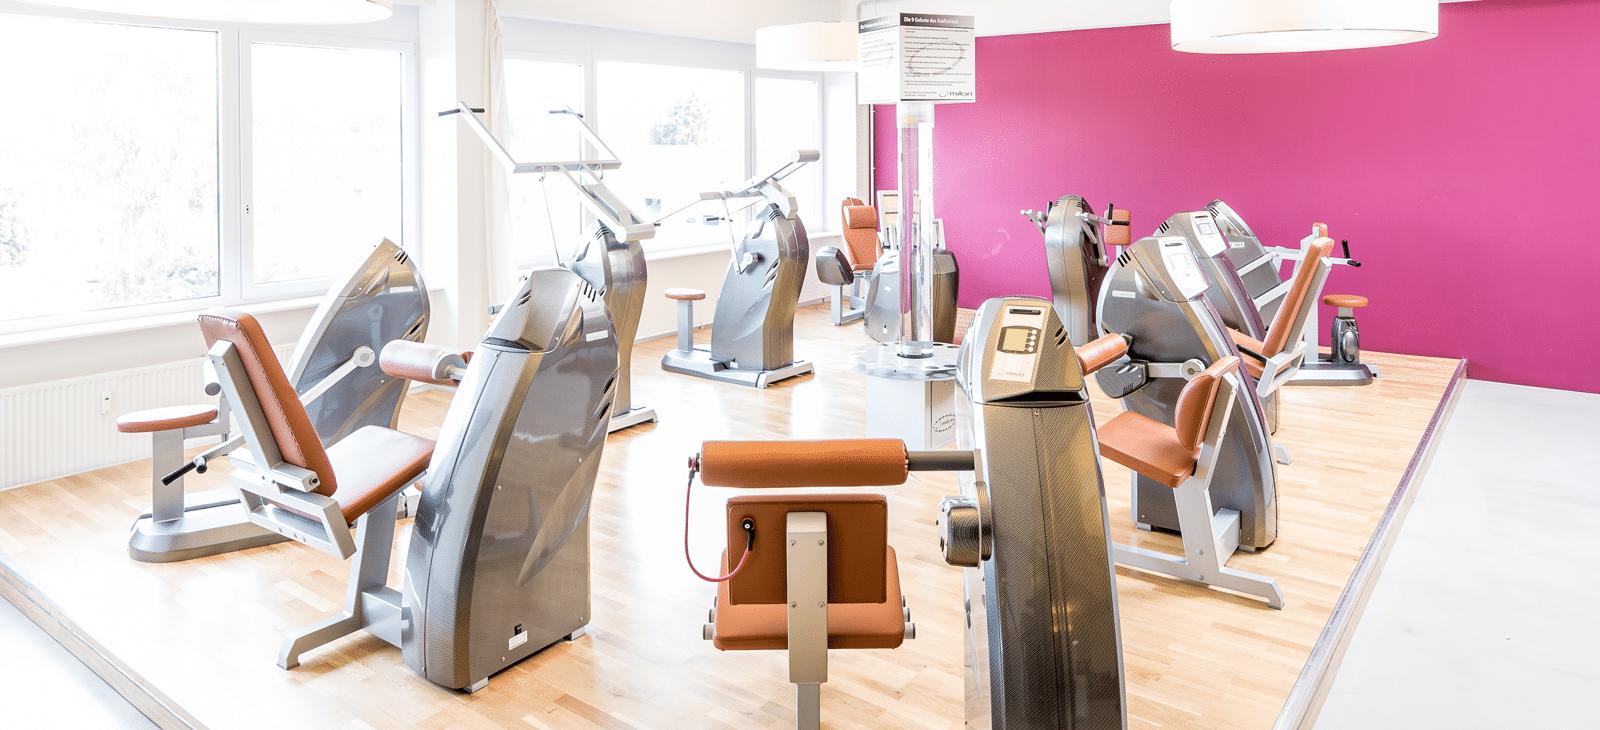 Der Milon Zirkel im Fitness-Loft Woman Freiburg